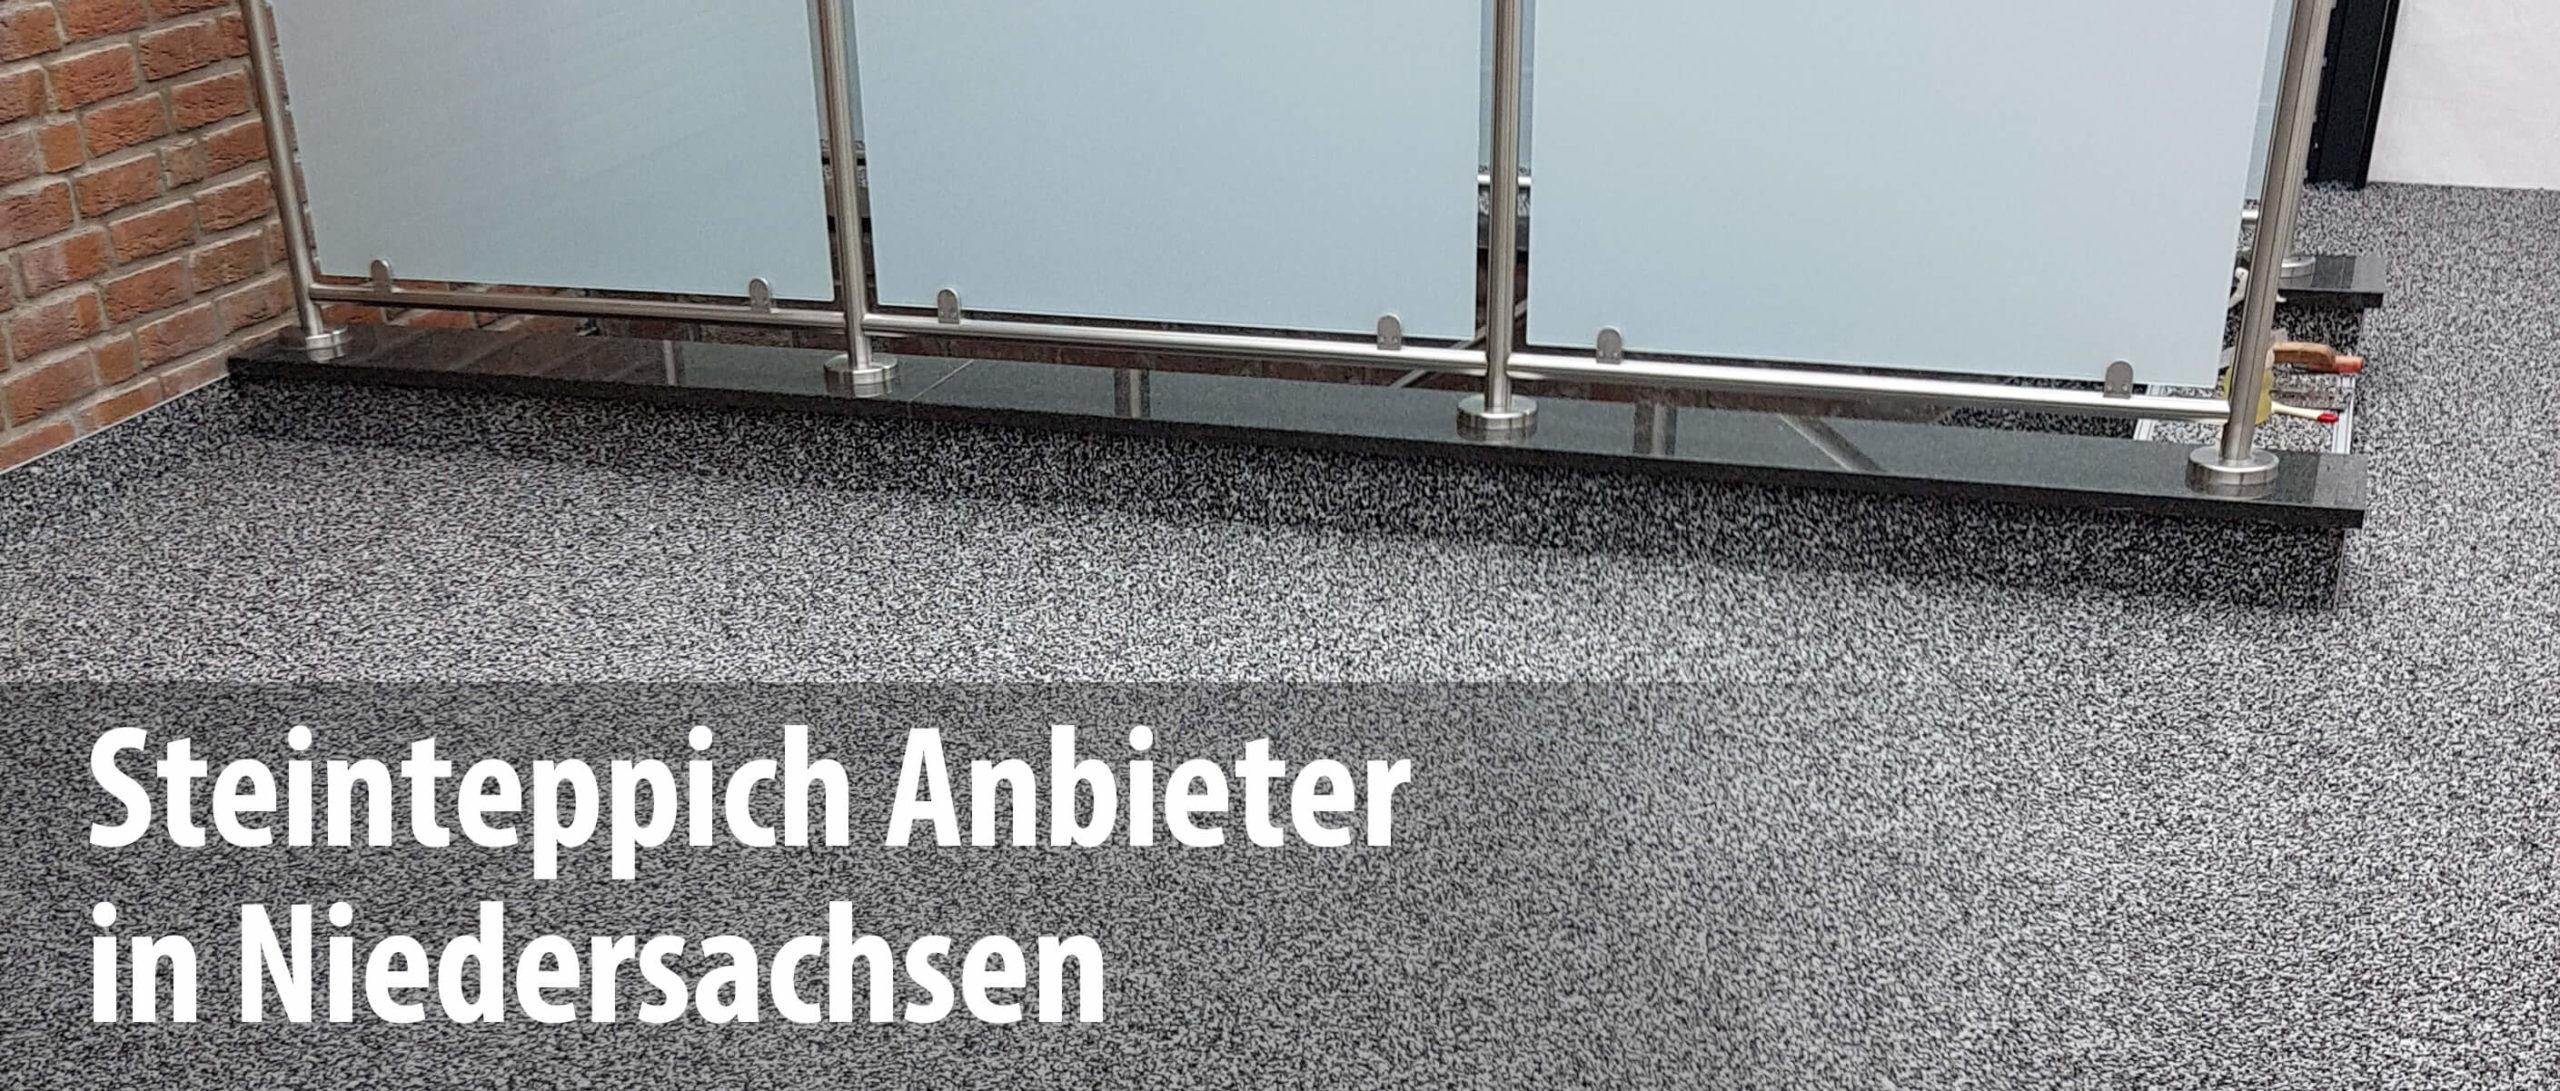 Wir arbeiten mit Steinteppich-Anbietern in Niedersachsen zusammen und bieten mit unseren Partnern die professionelle Sanierung und Abdichtung von Balkonen und Terrassen.